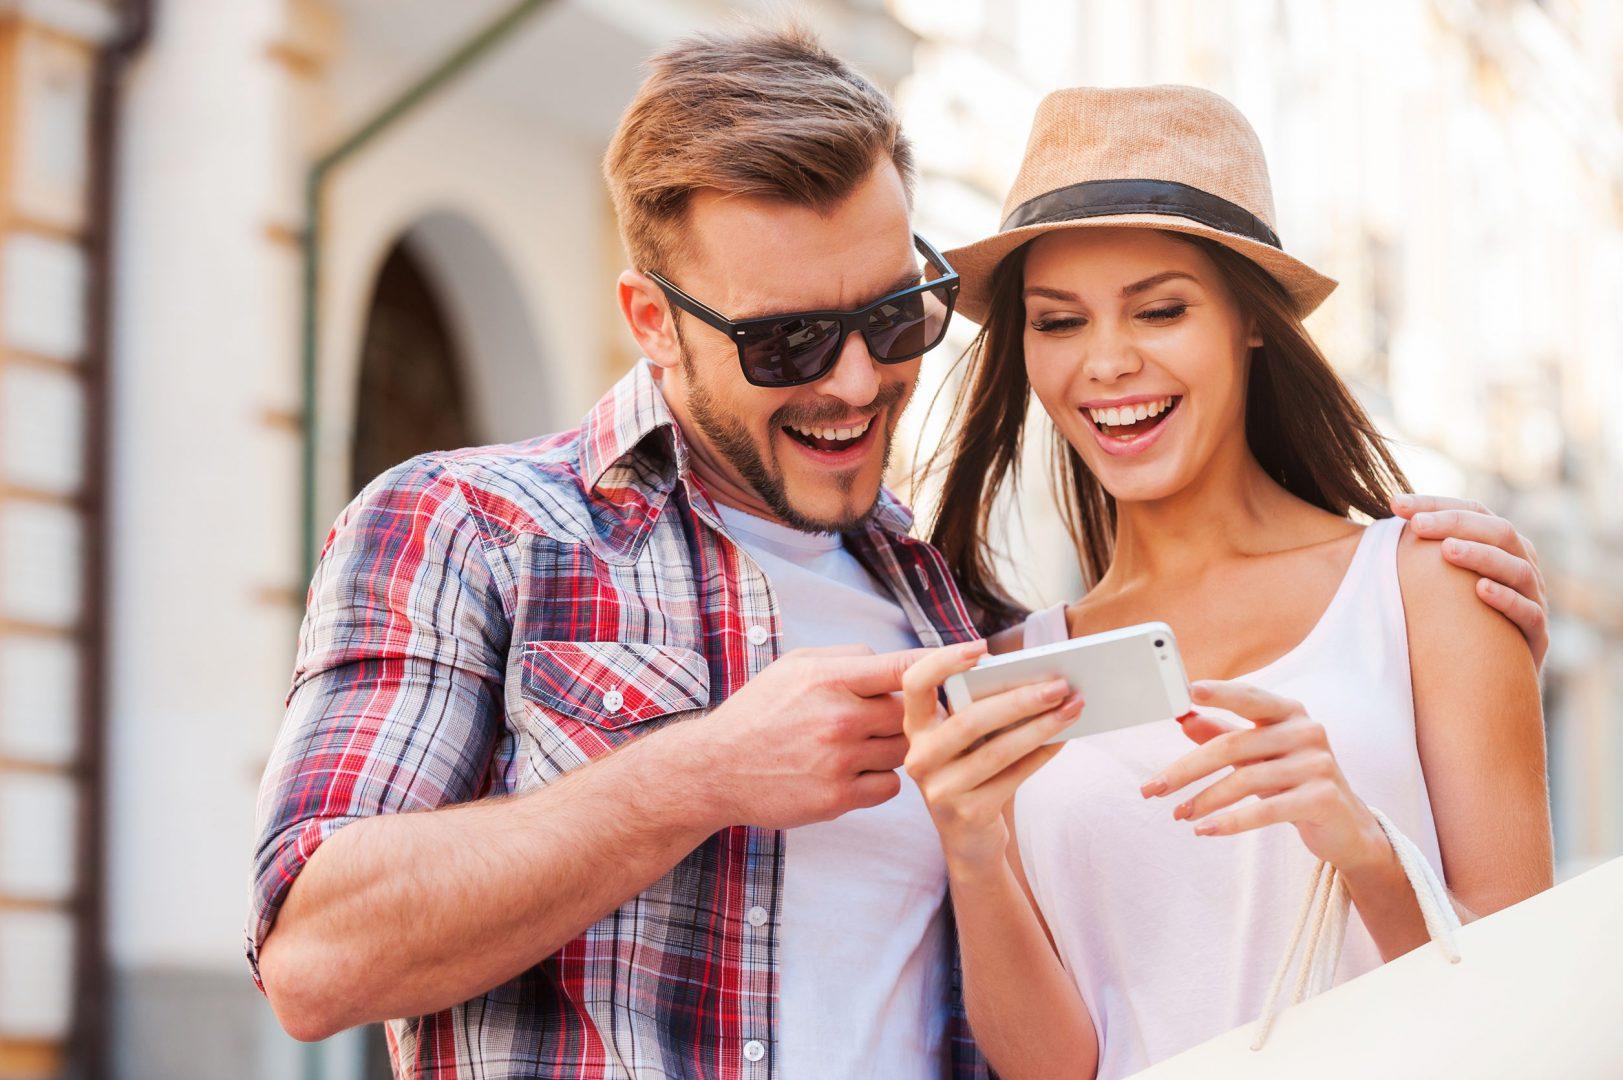 5 Winning Behaviours for Lasting Brand Engagement